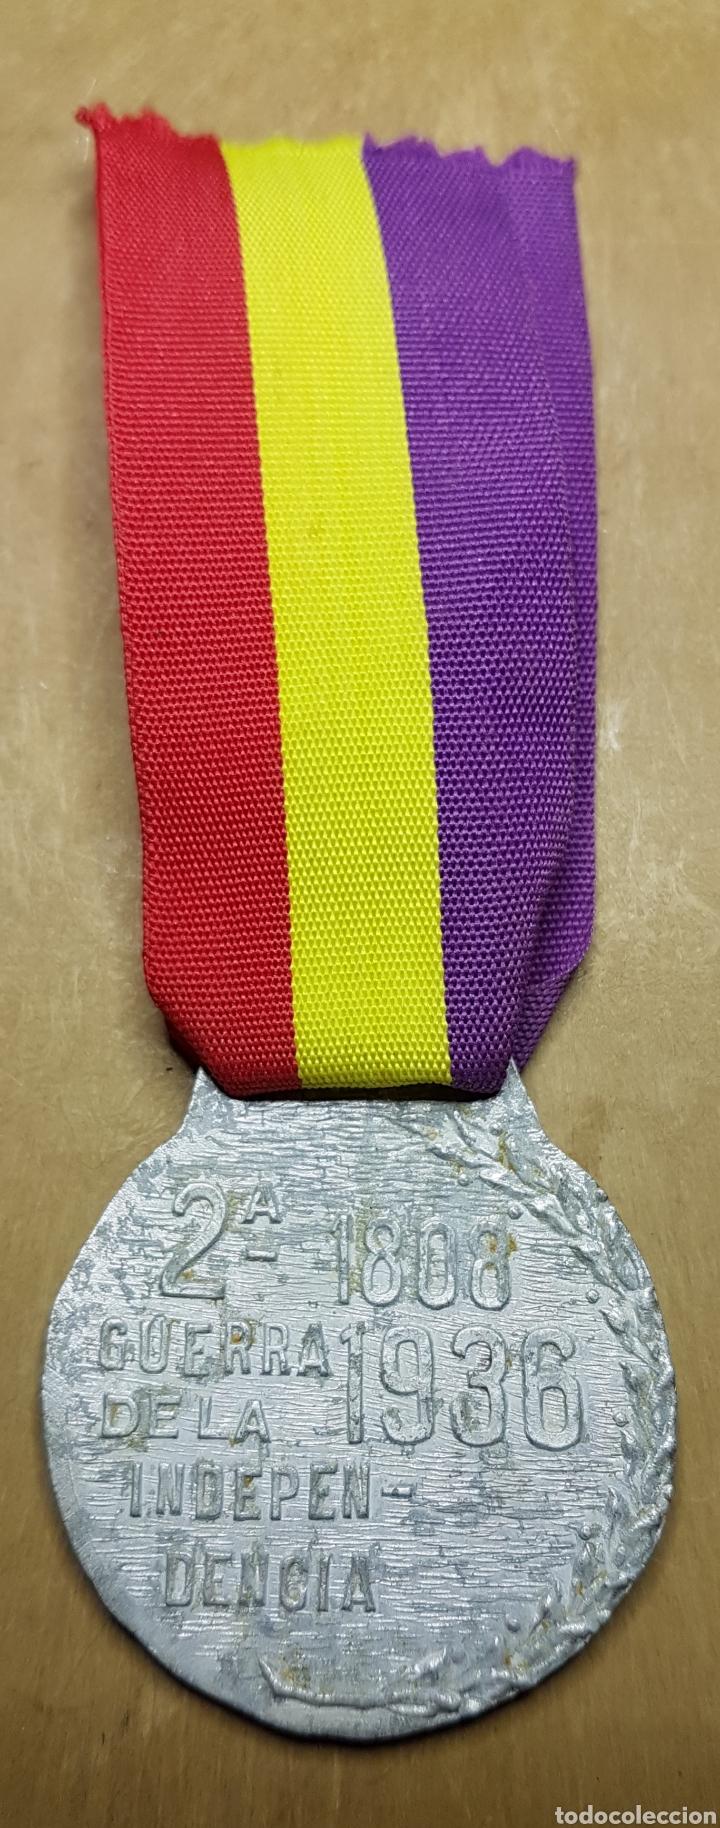 Militaria: Medalla 2 guerra independencia guerra civil republica - Foto 2 - 162809065